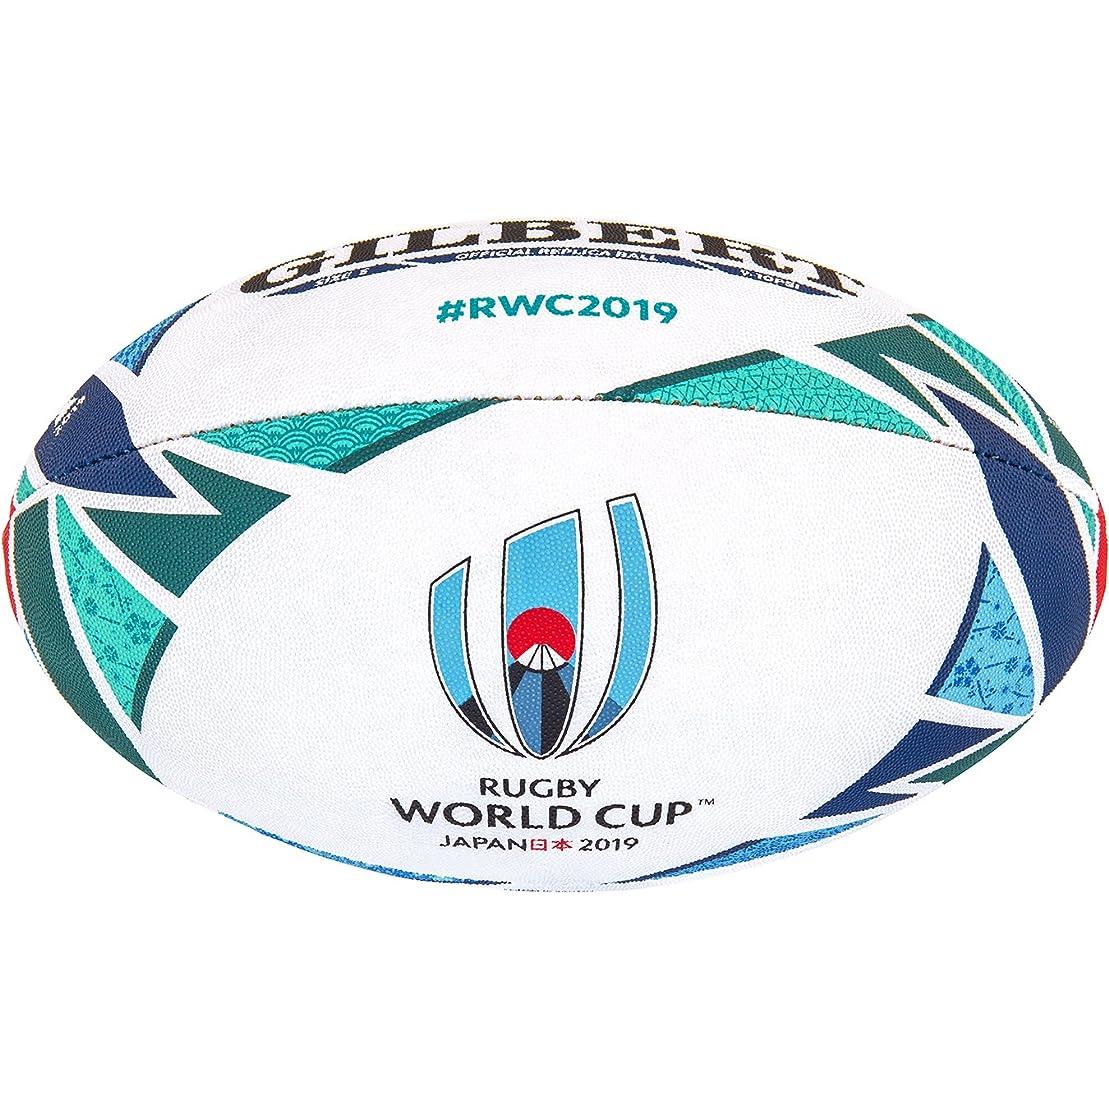 親指何もないラメラグビーワールドカップ2019 公式レプリカボール ラグビーボール 5号球 #GB-9011